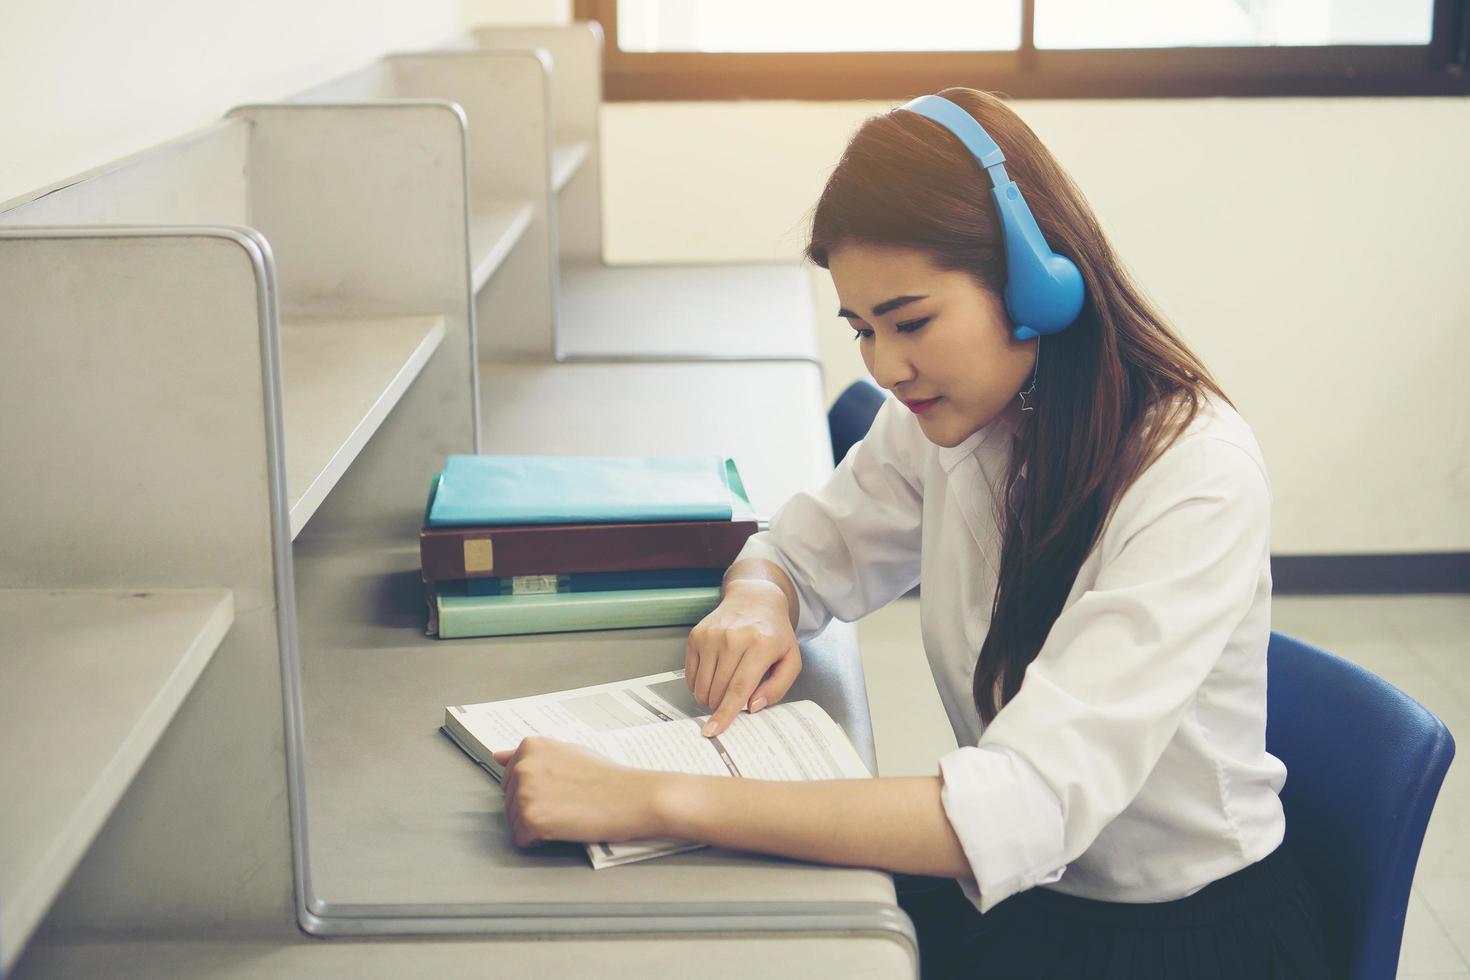 jovem estudante asiática lendo na biblioteca foto